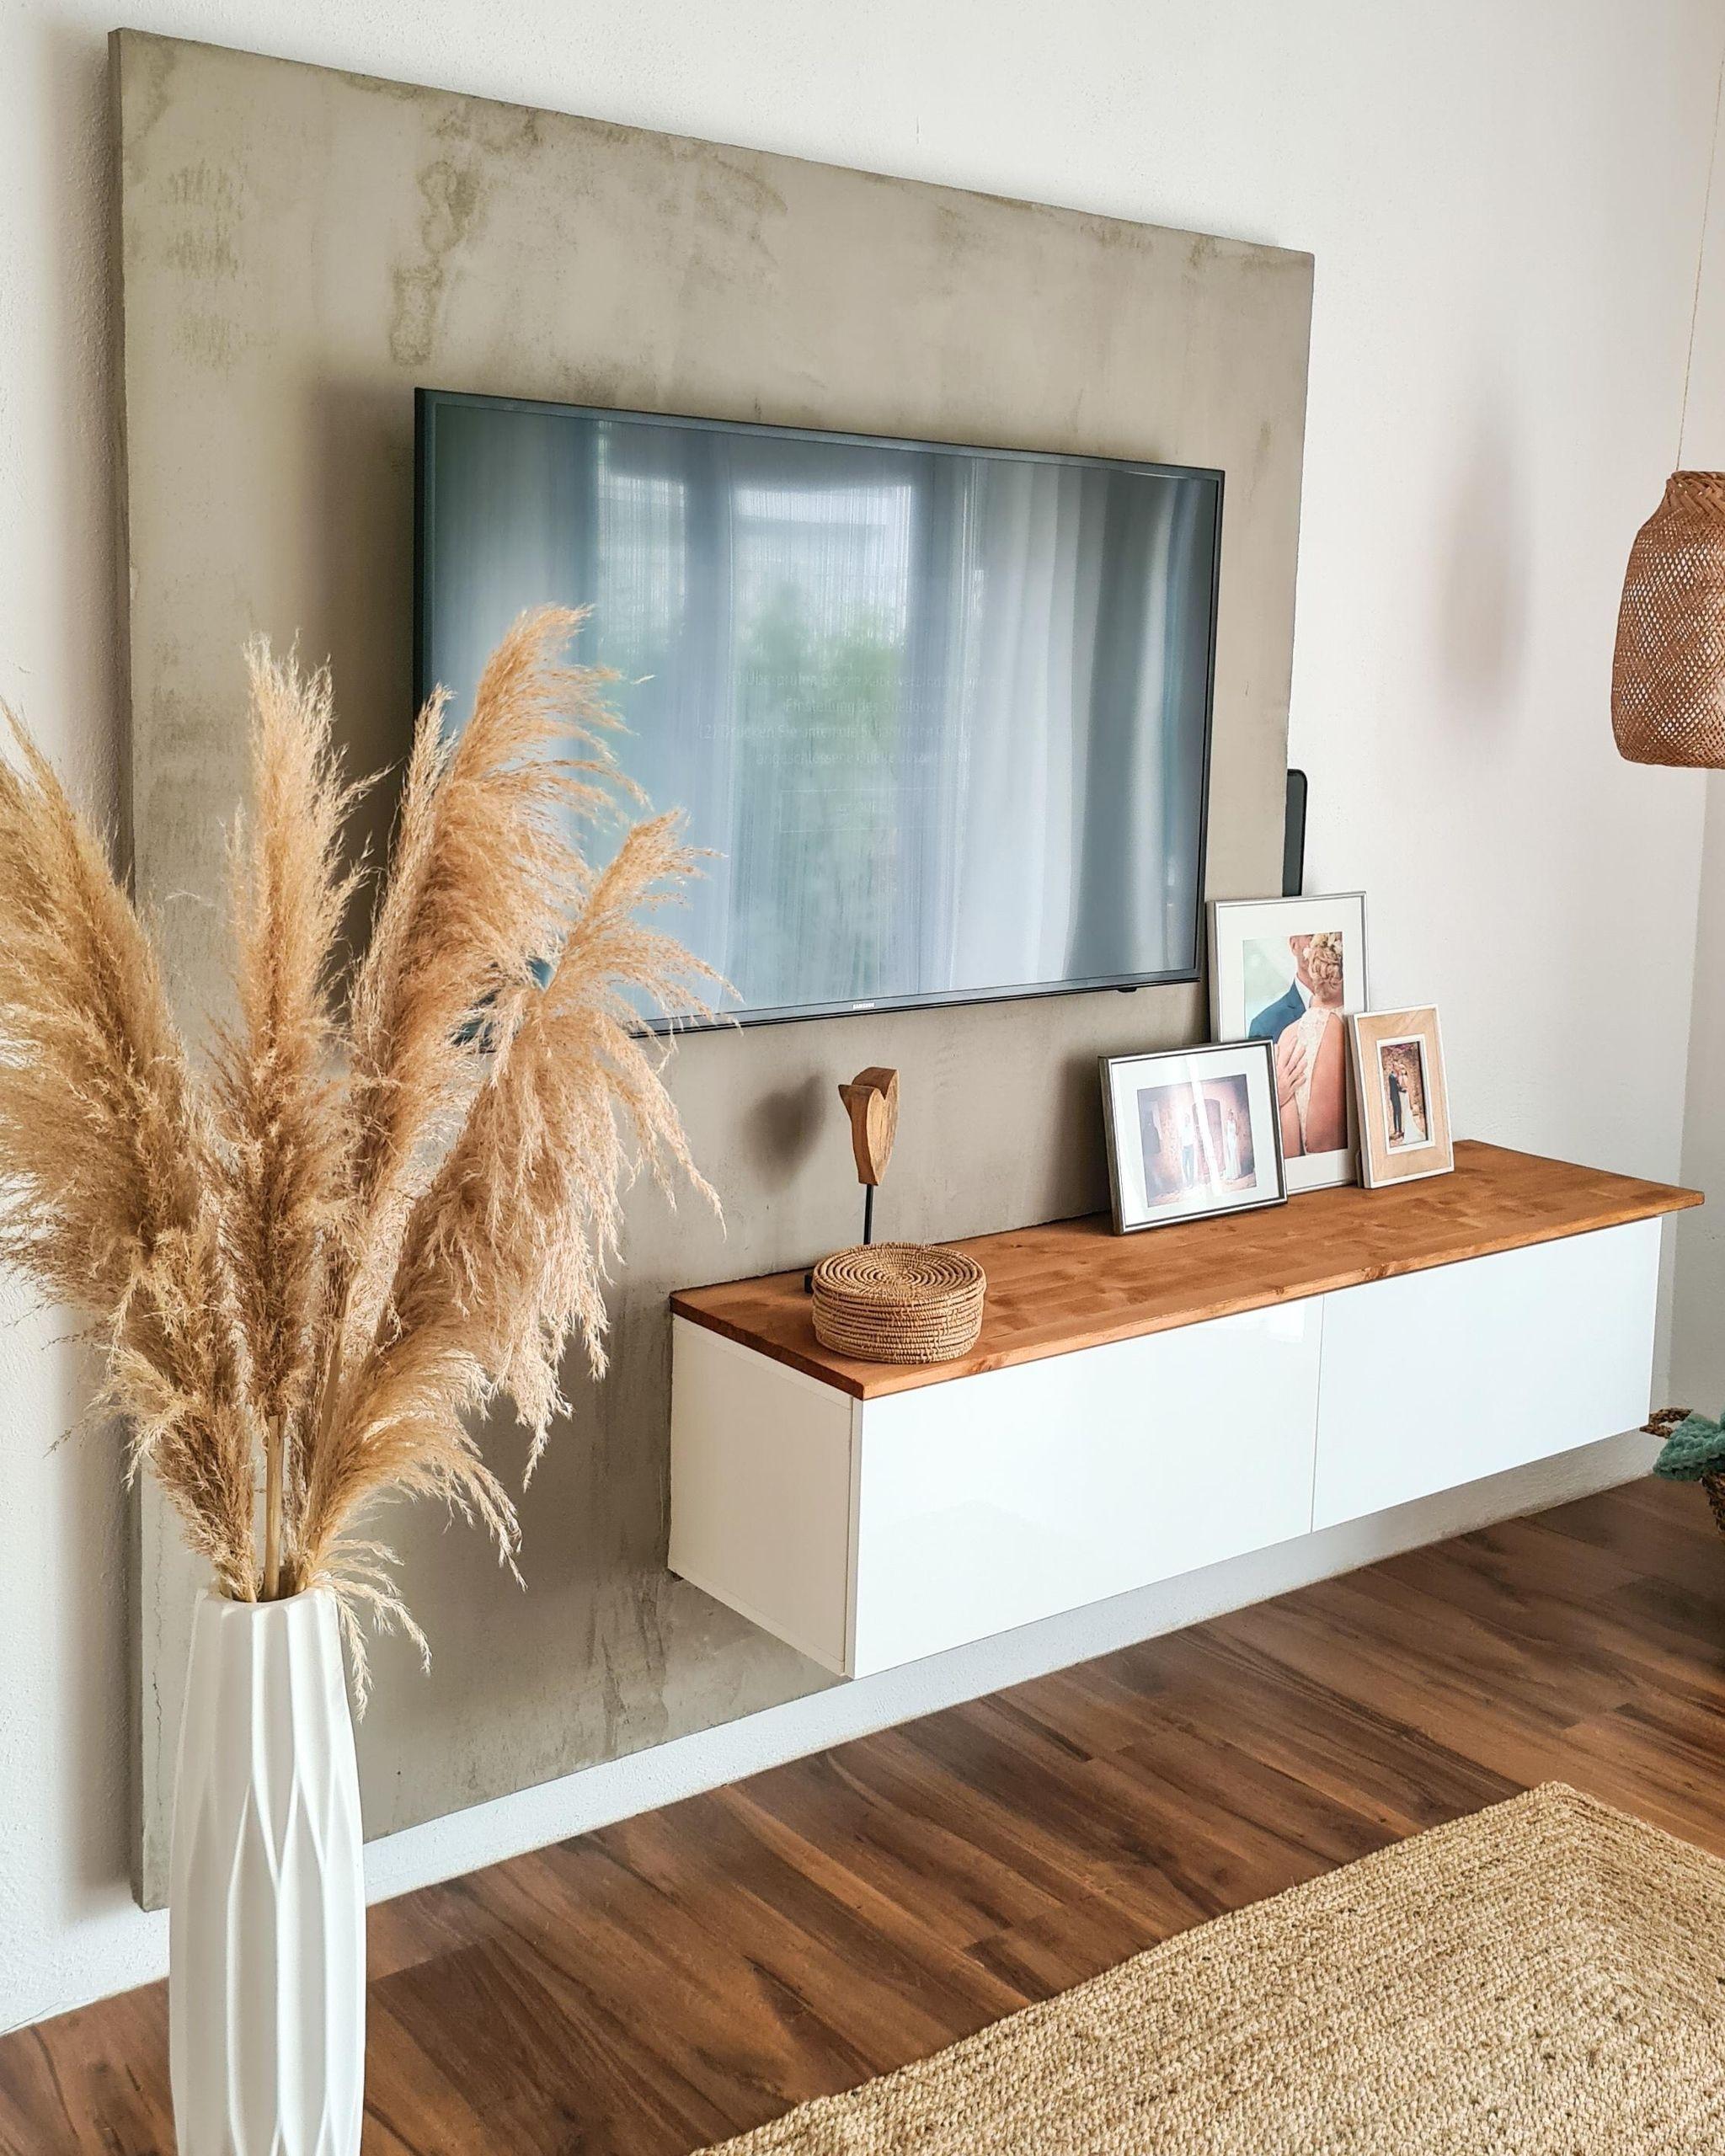 tv wand in betonoptik betondesign tvw wohnung wohnzimmer einrichten ideen modern wanddekoration kinderzimmer wandobjekt metall silber